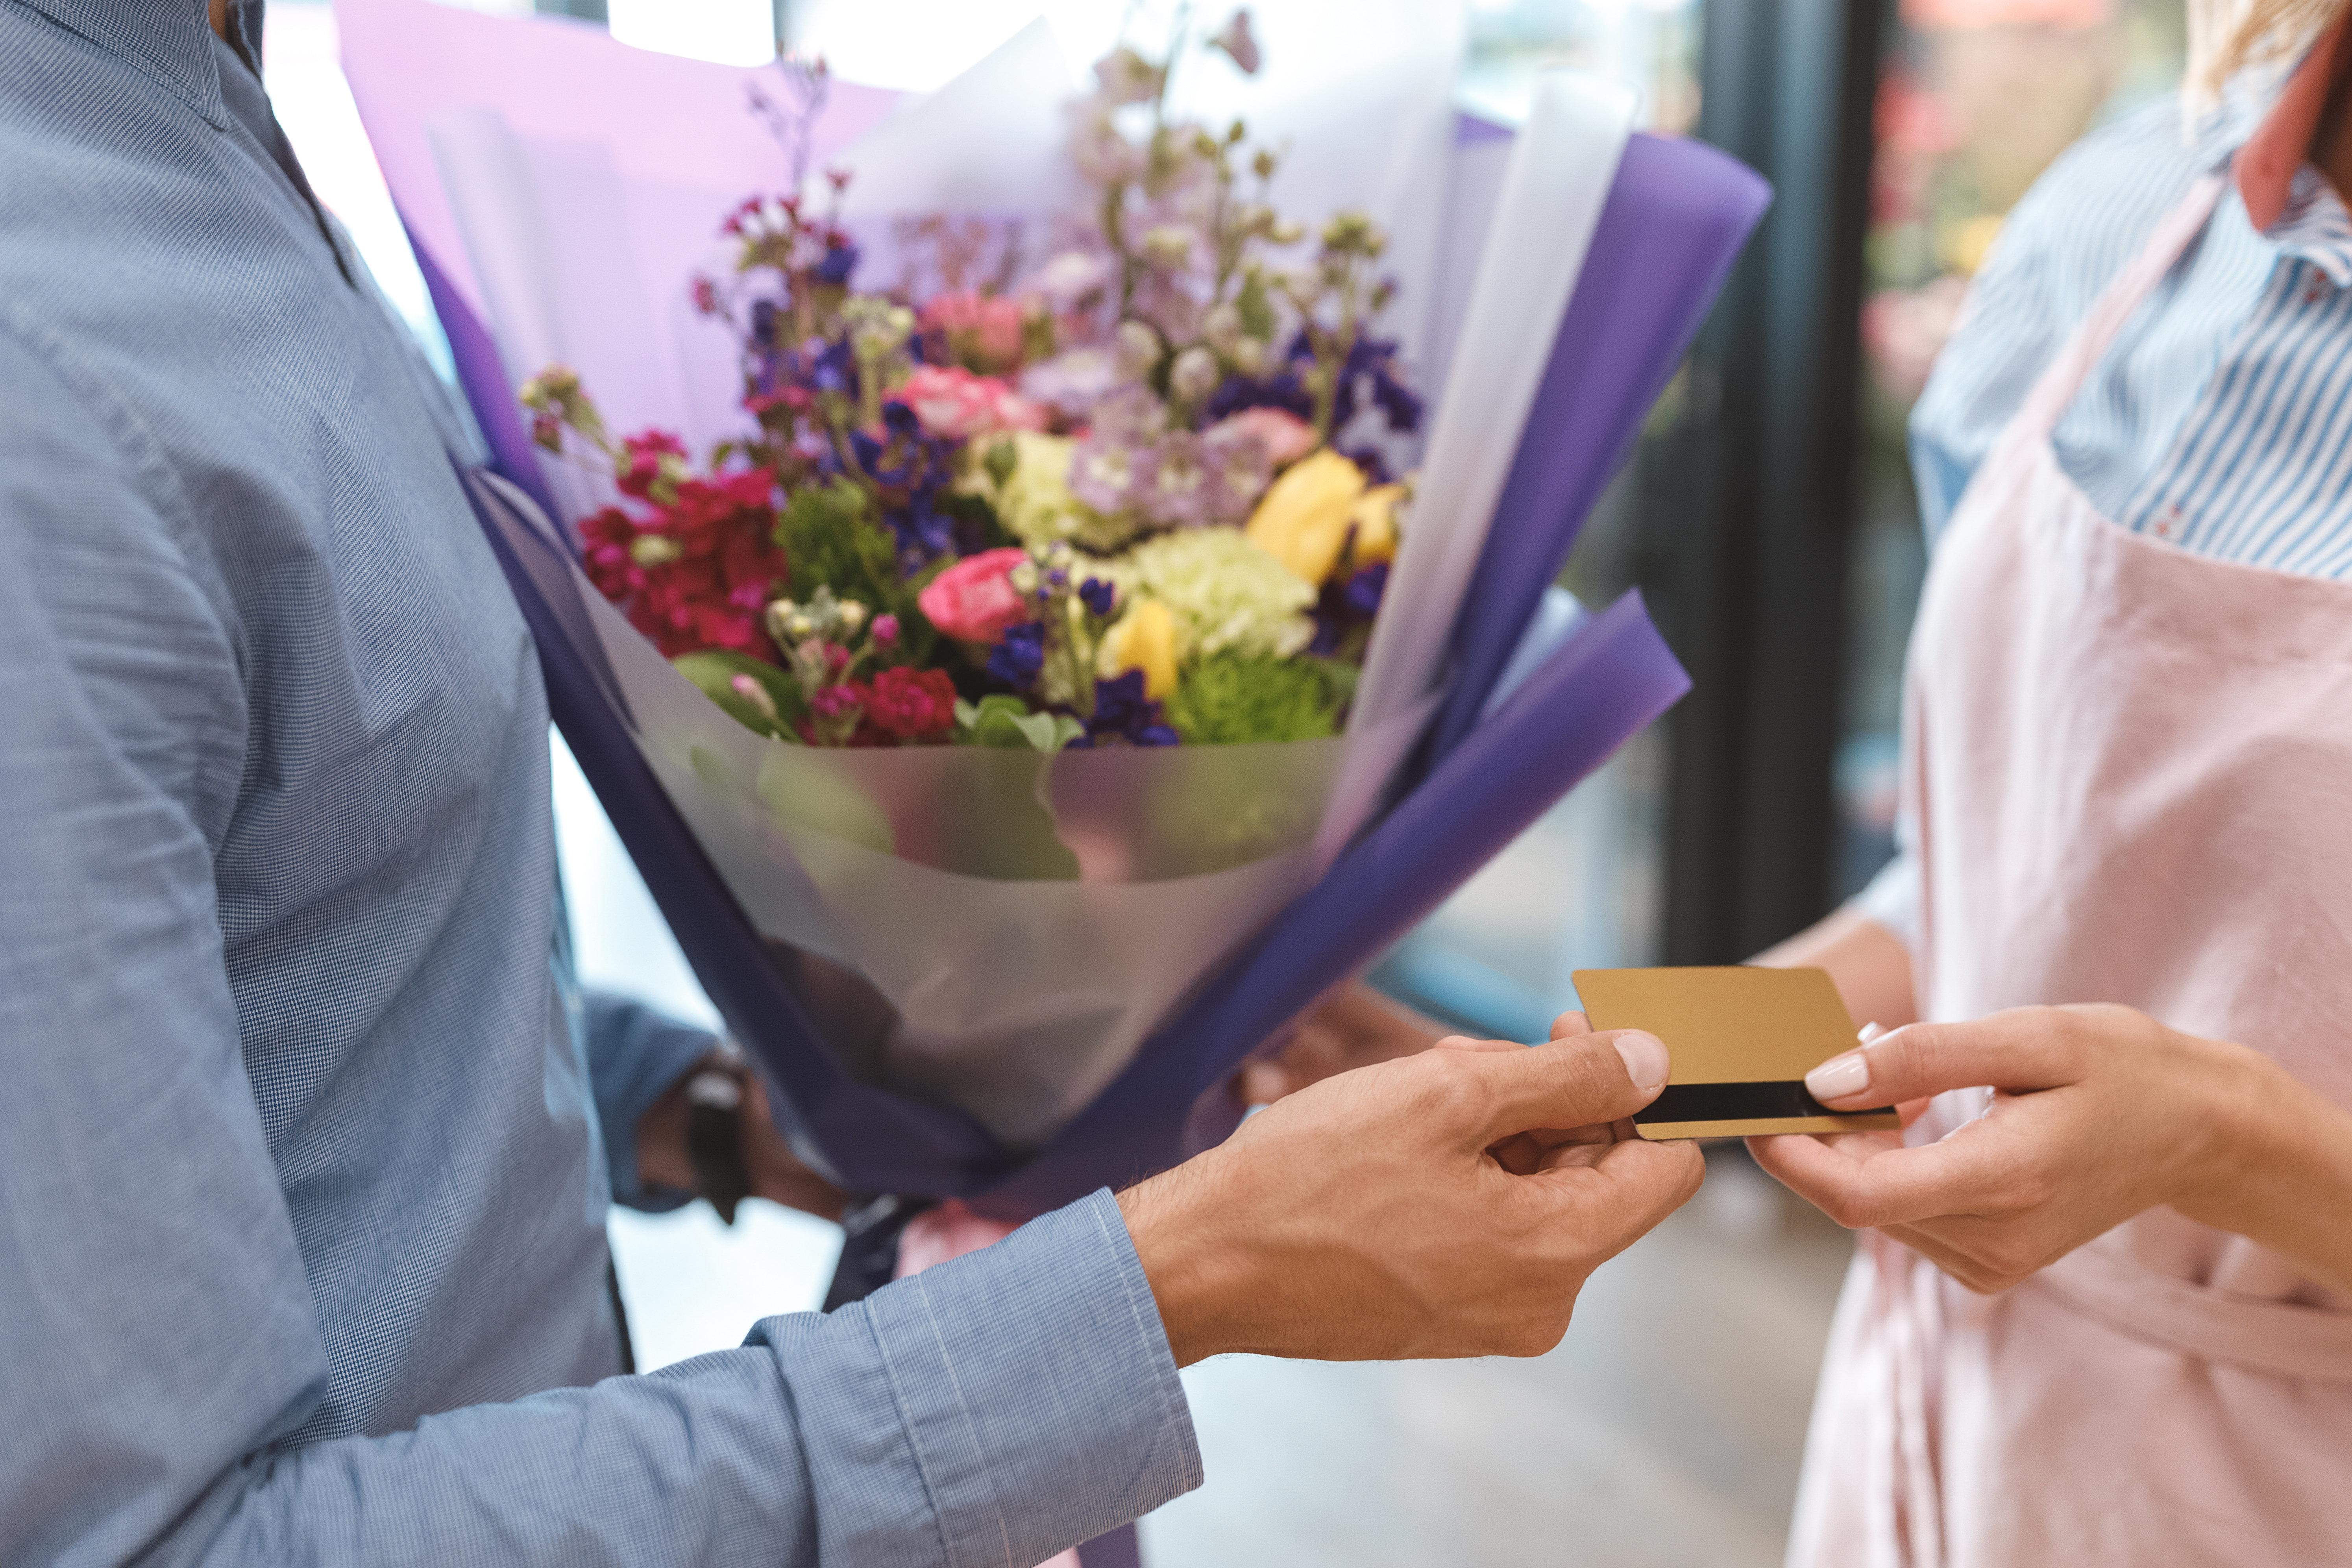 Mann kauft seiner Frau Blumen – als er aus dem Laden kommt, ist er